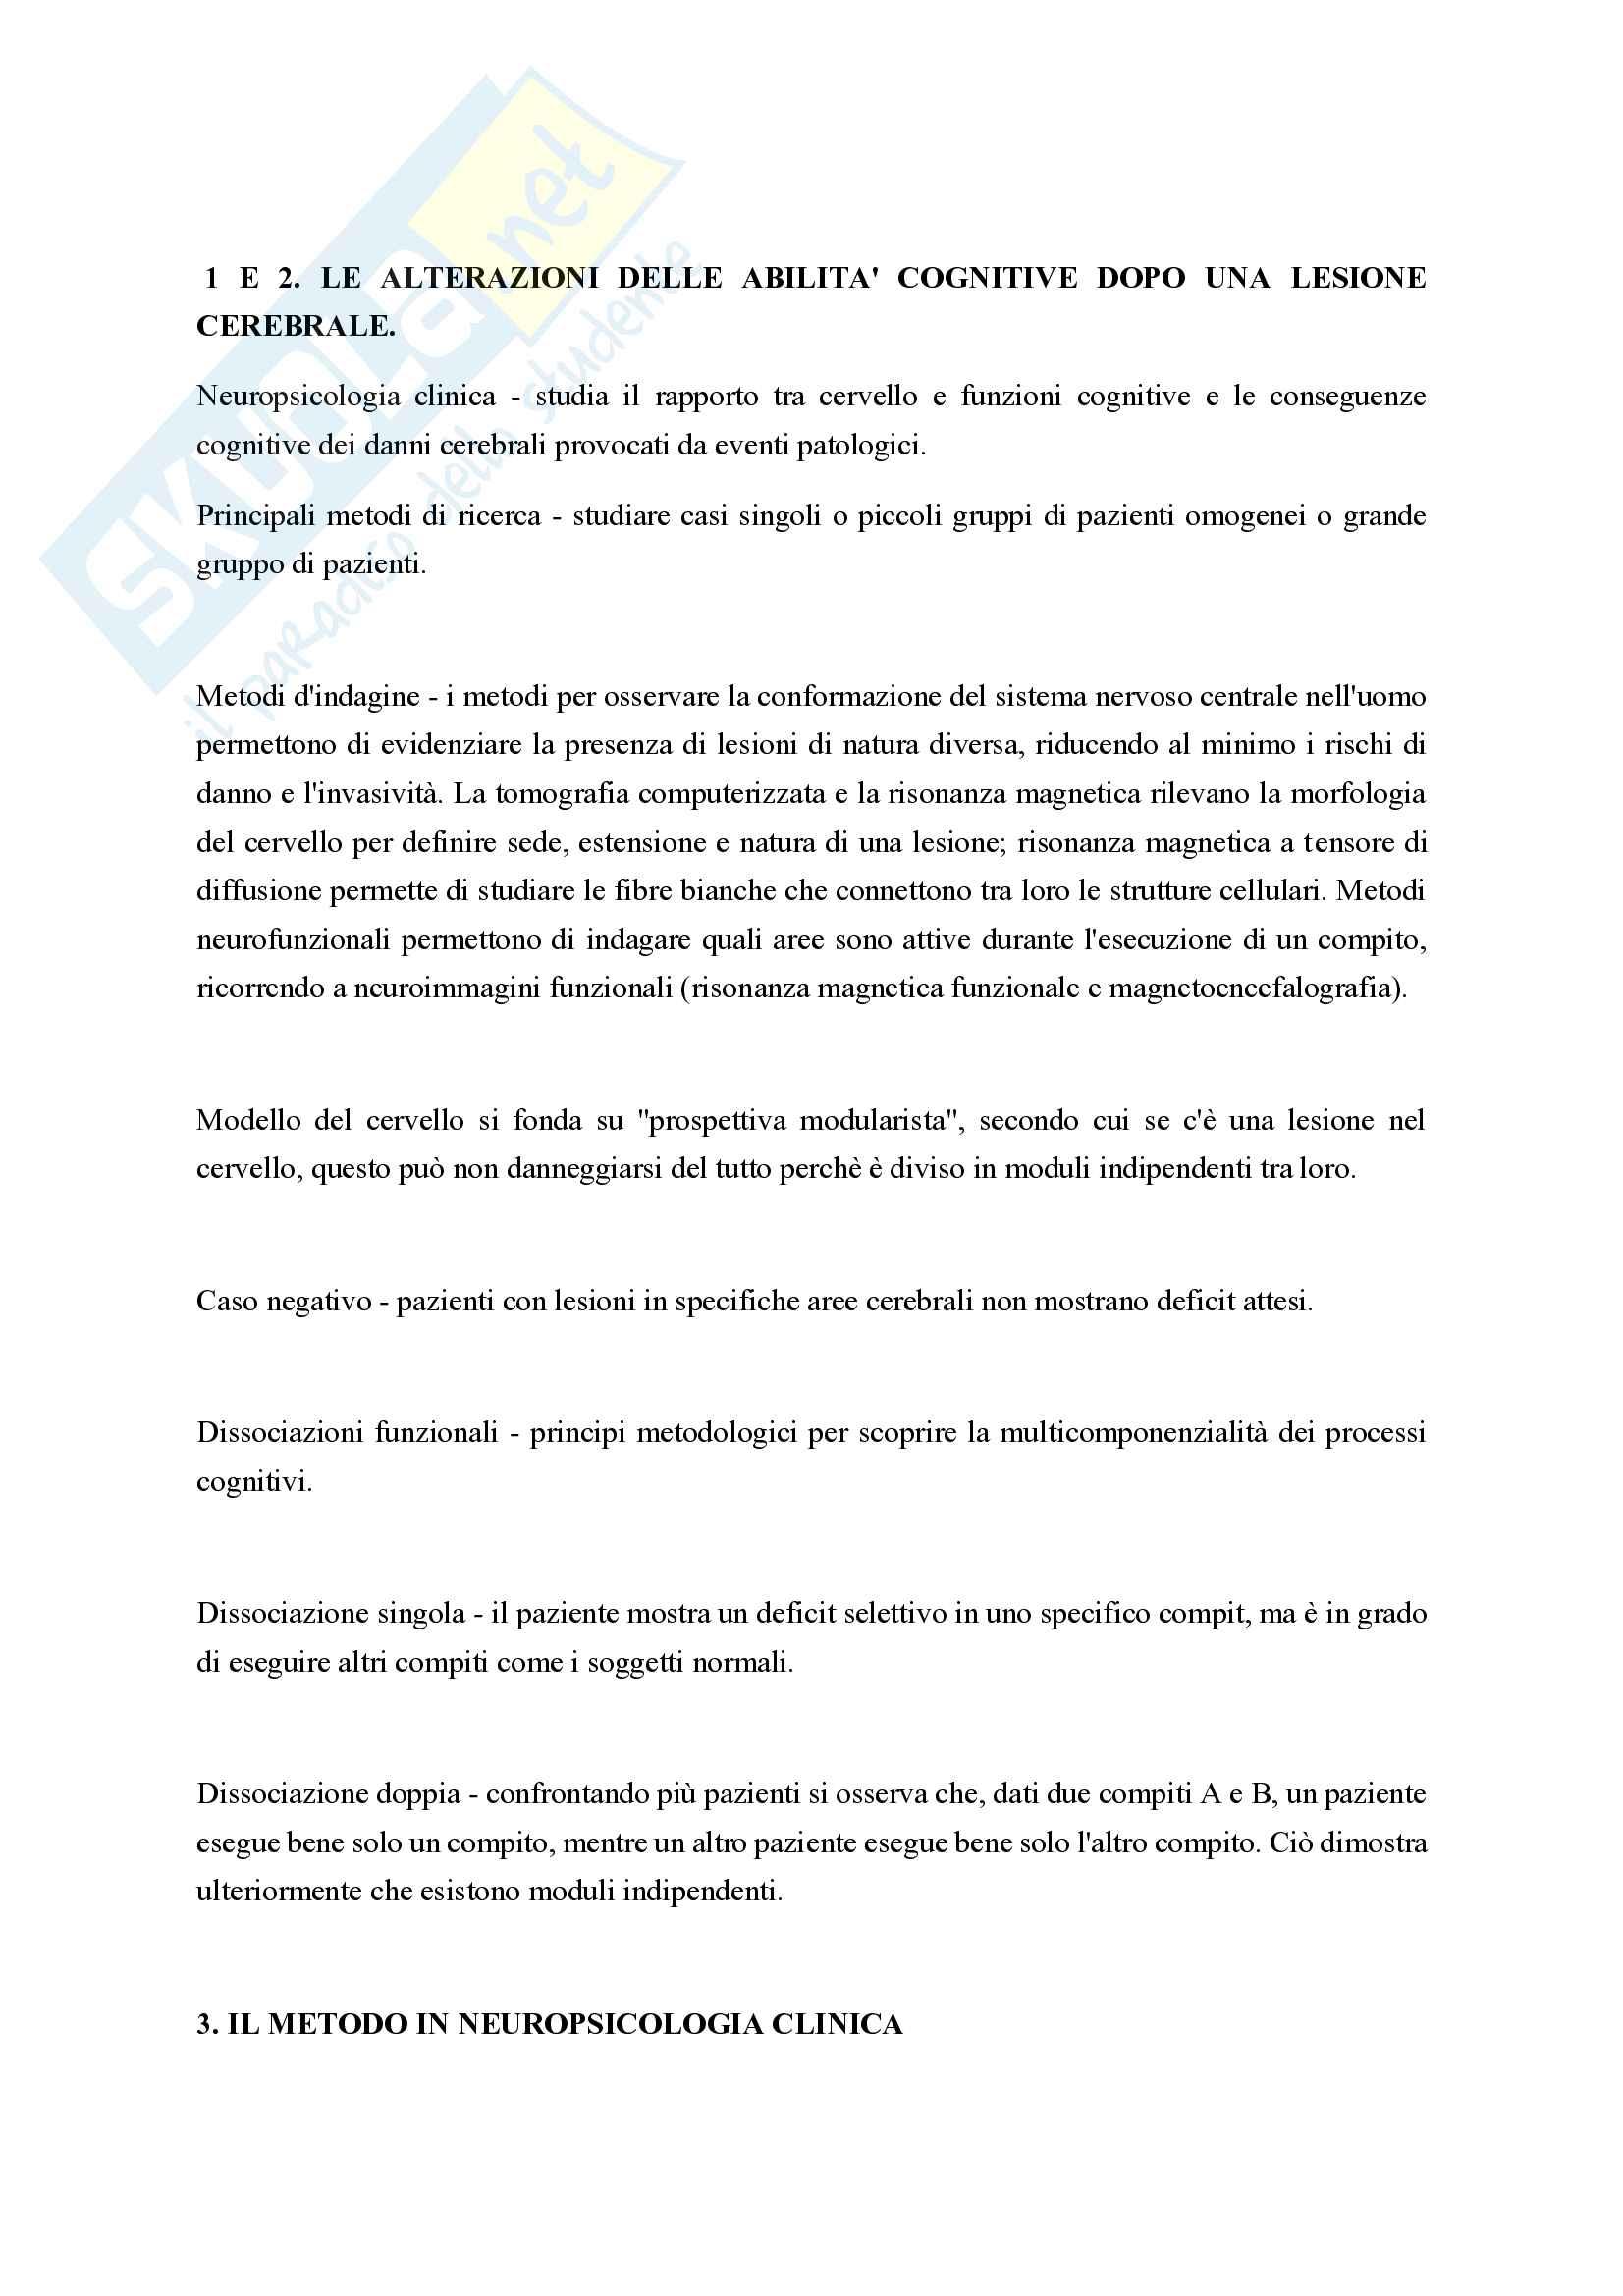 Riassunto esame Neuropsicologia clinica, prof. Conson Massimiliano, libro consigliato Lineamenti di neuropsicologia clinica, Grossi D. Trojano L